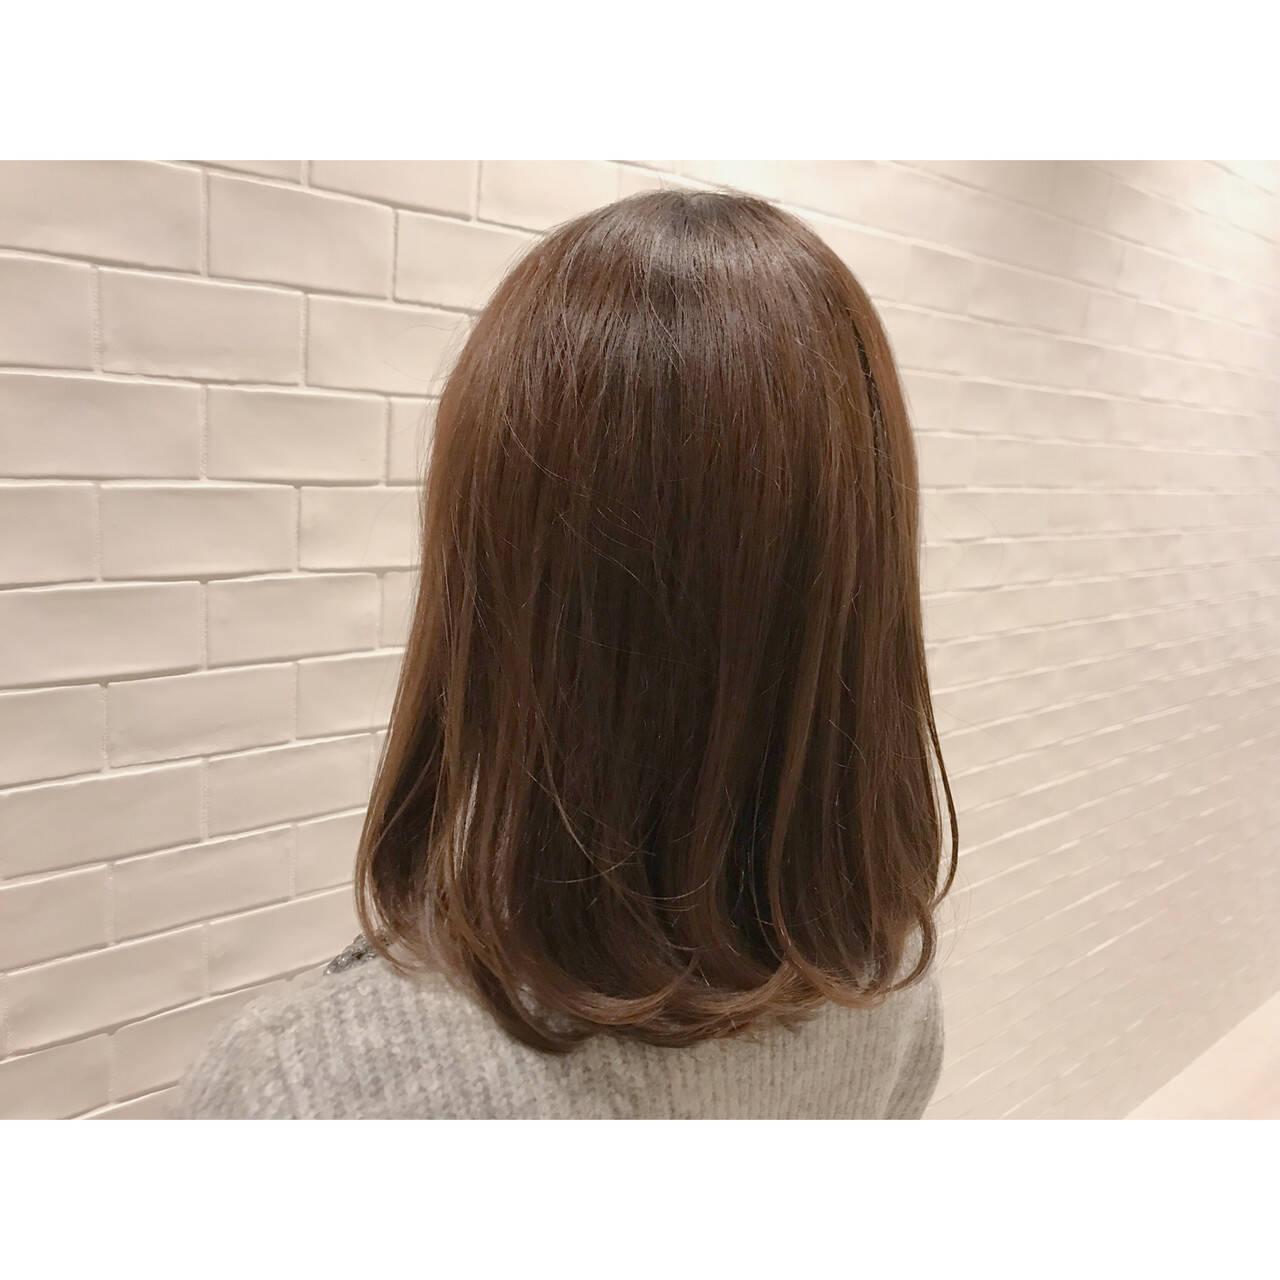 ナチュラル オフィス ミディアム ブラウンヘアスタイルや髪型の写真・画像